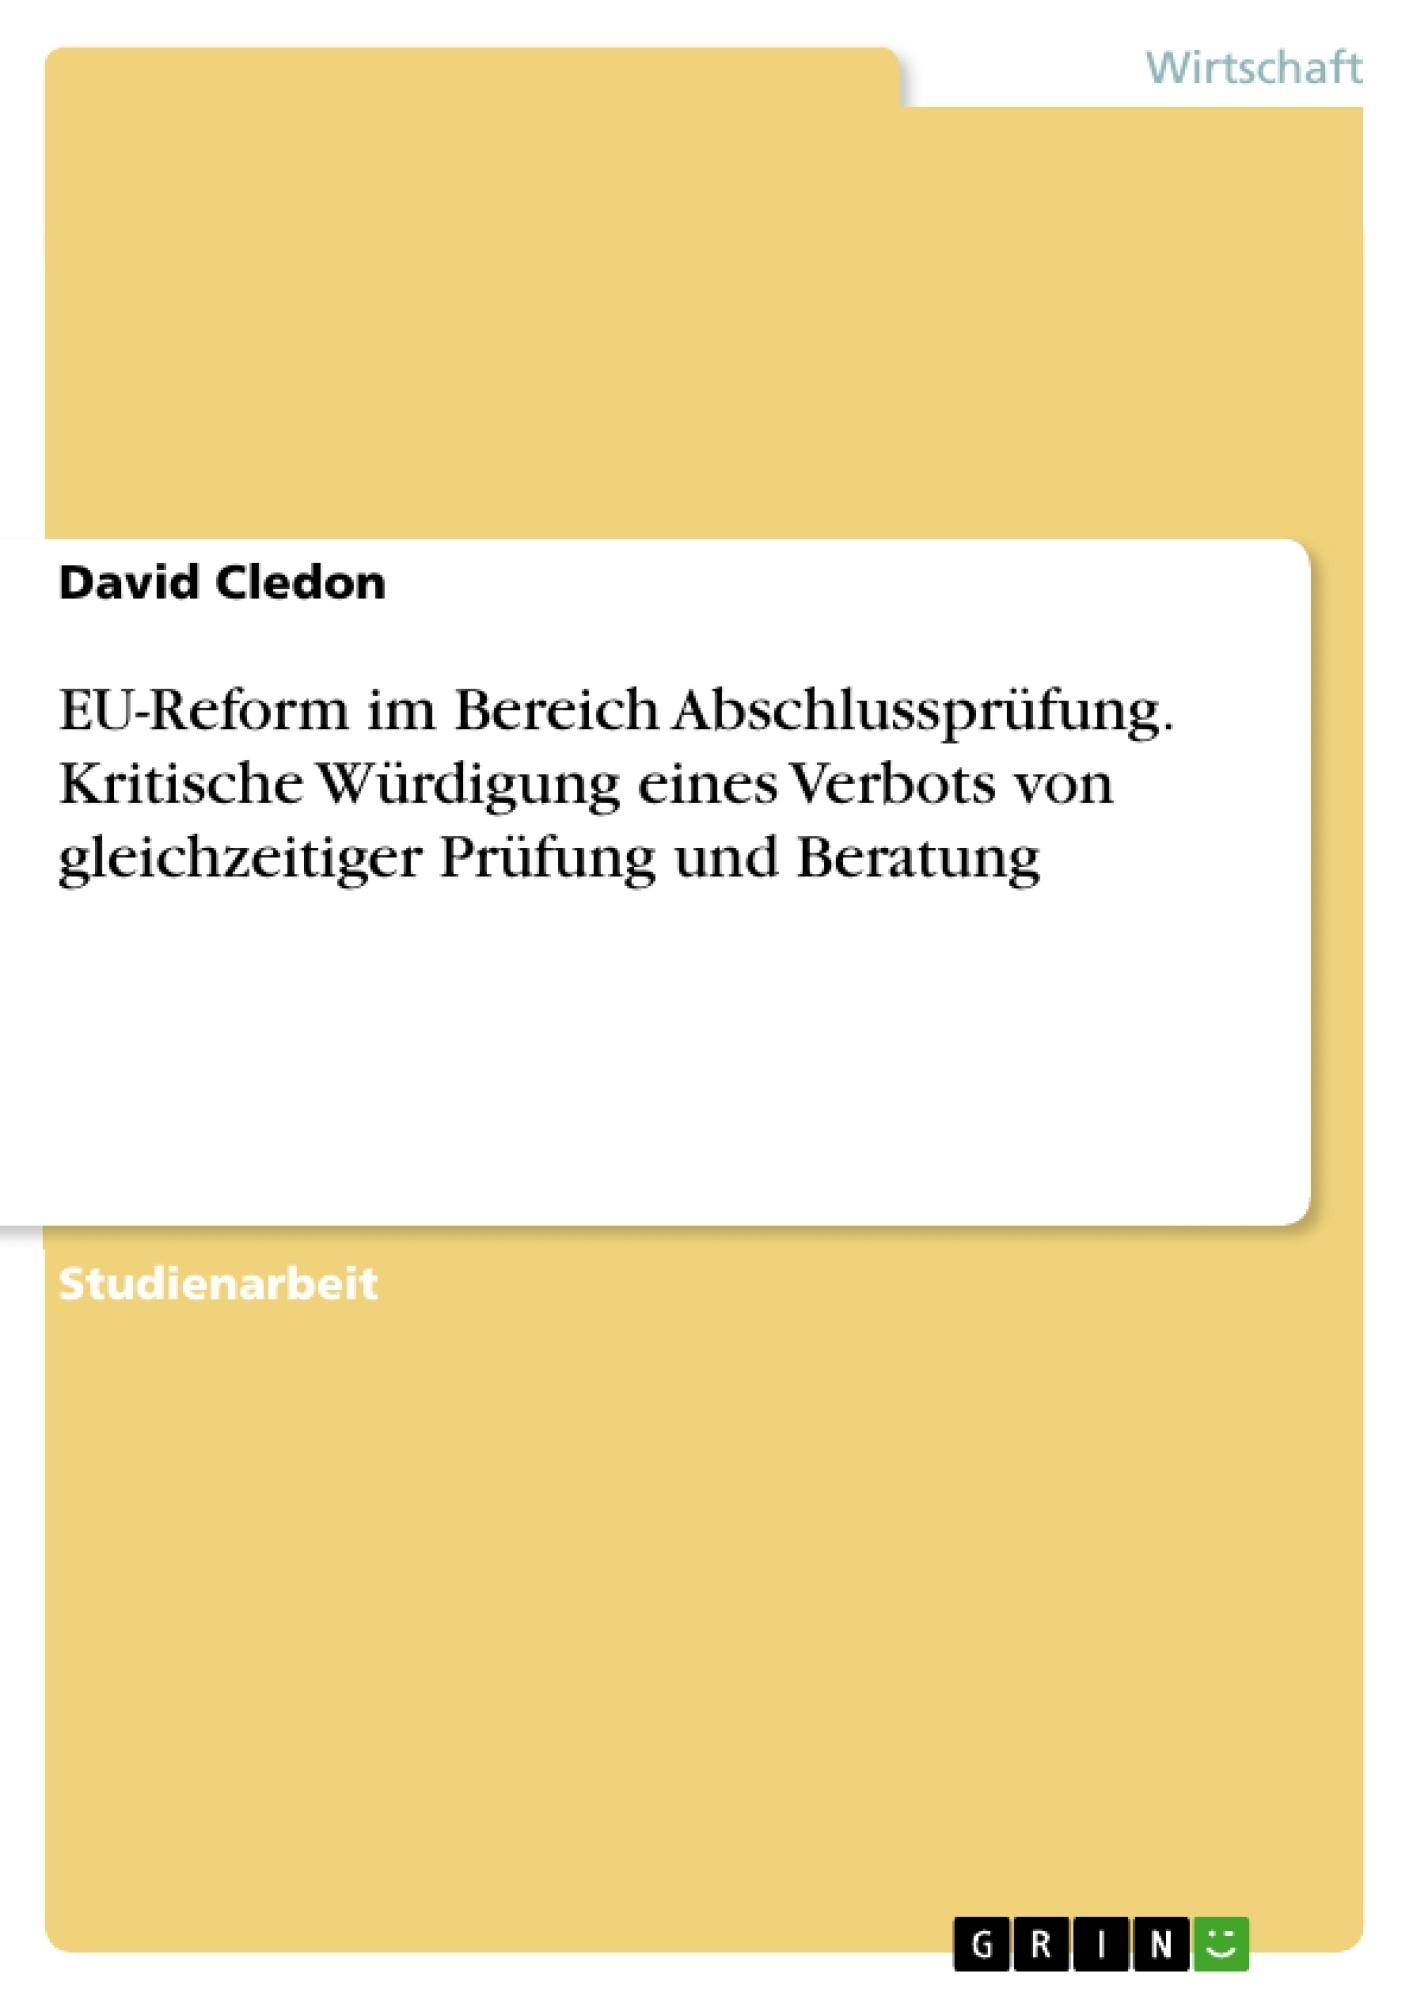 Titel: EU-Reform im Bereich Abschlussprüfung. Kritische Würdigung eines Verbots von gleichzeitiger Prüfung und Beratung